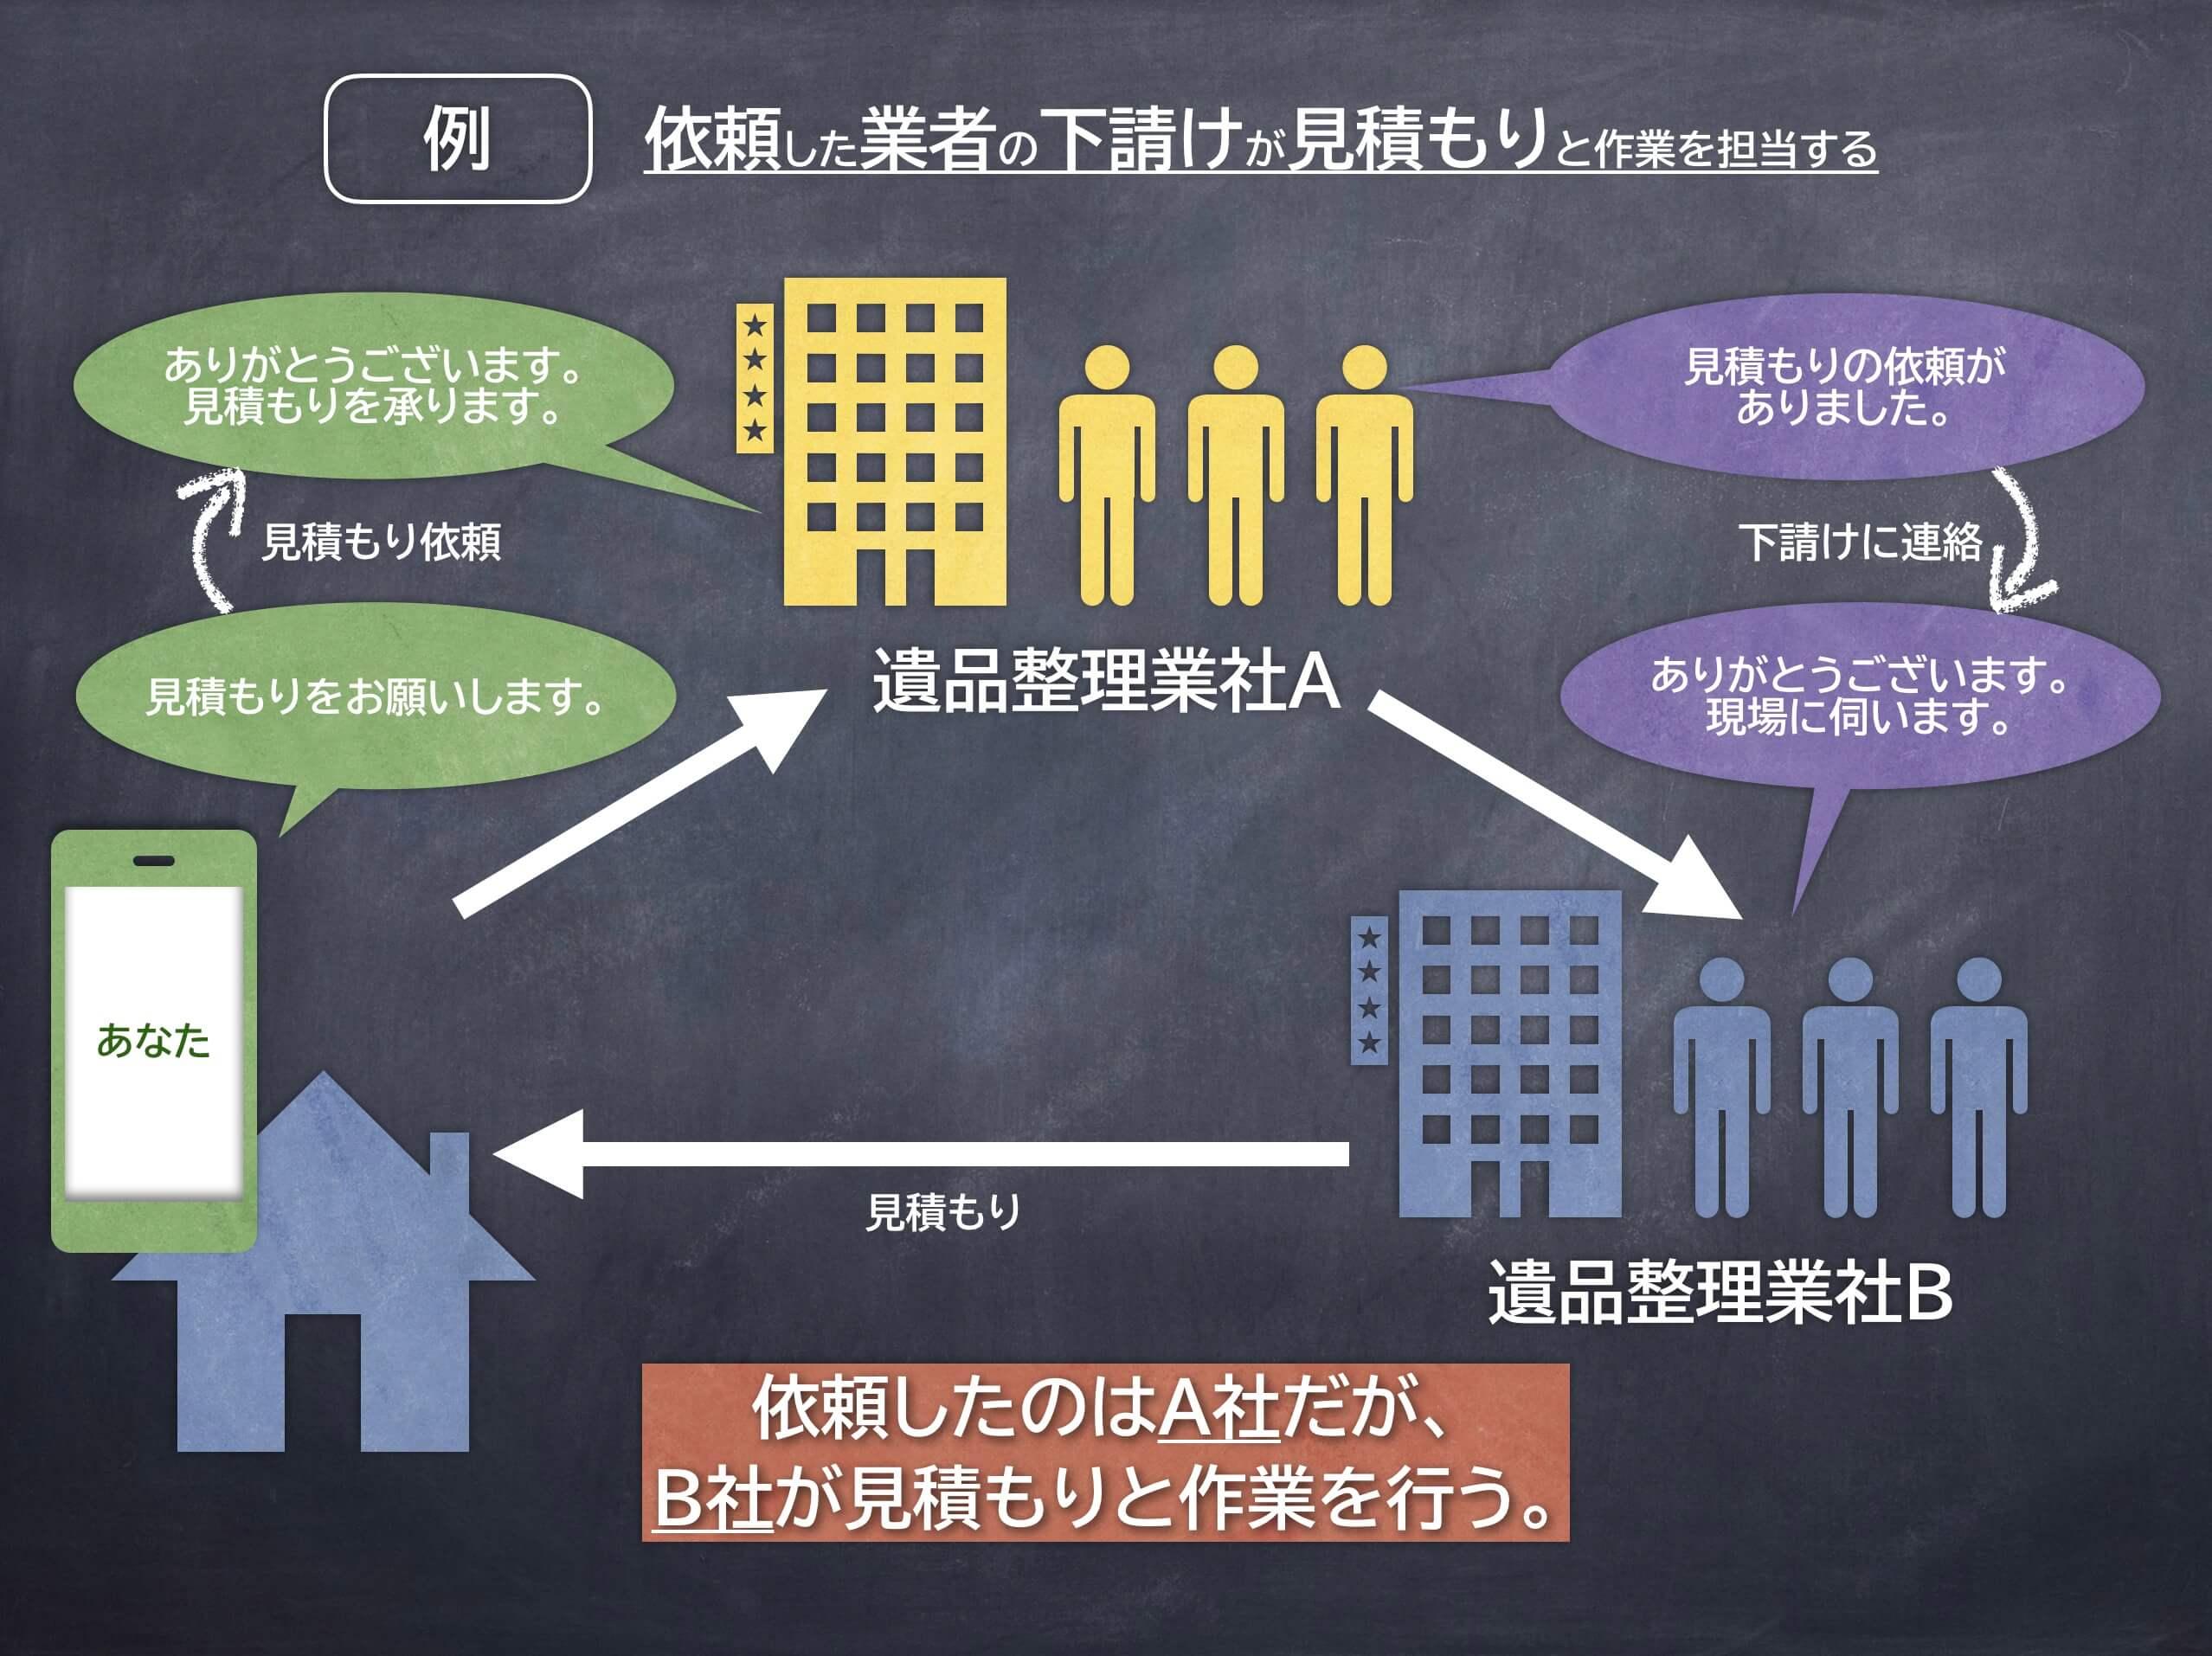 遺品整理業者が下請けに作業を依頼する構図